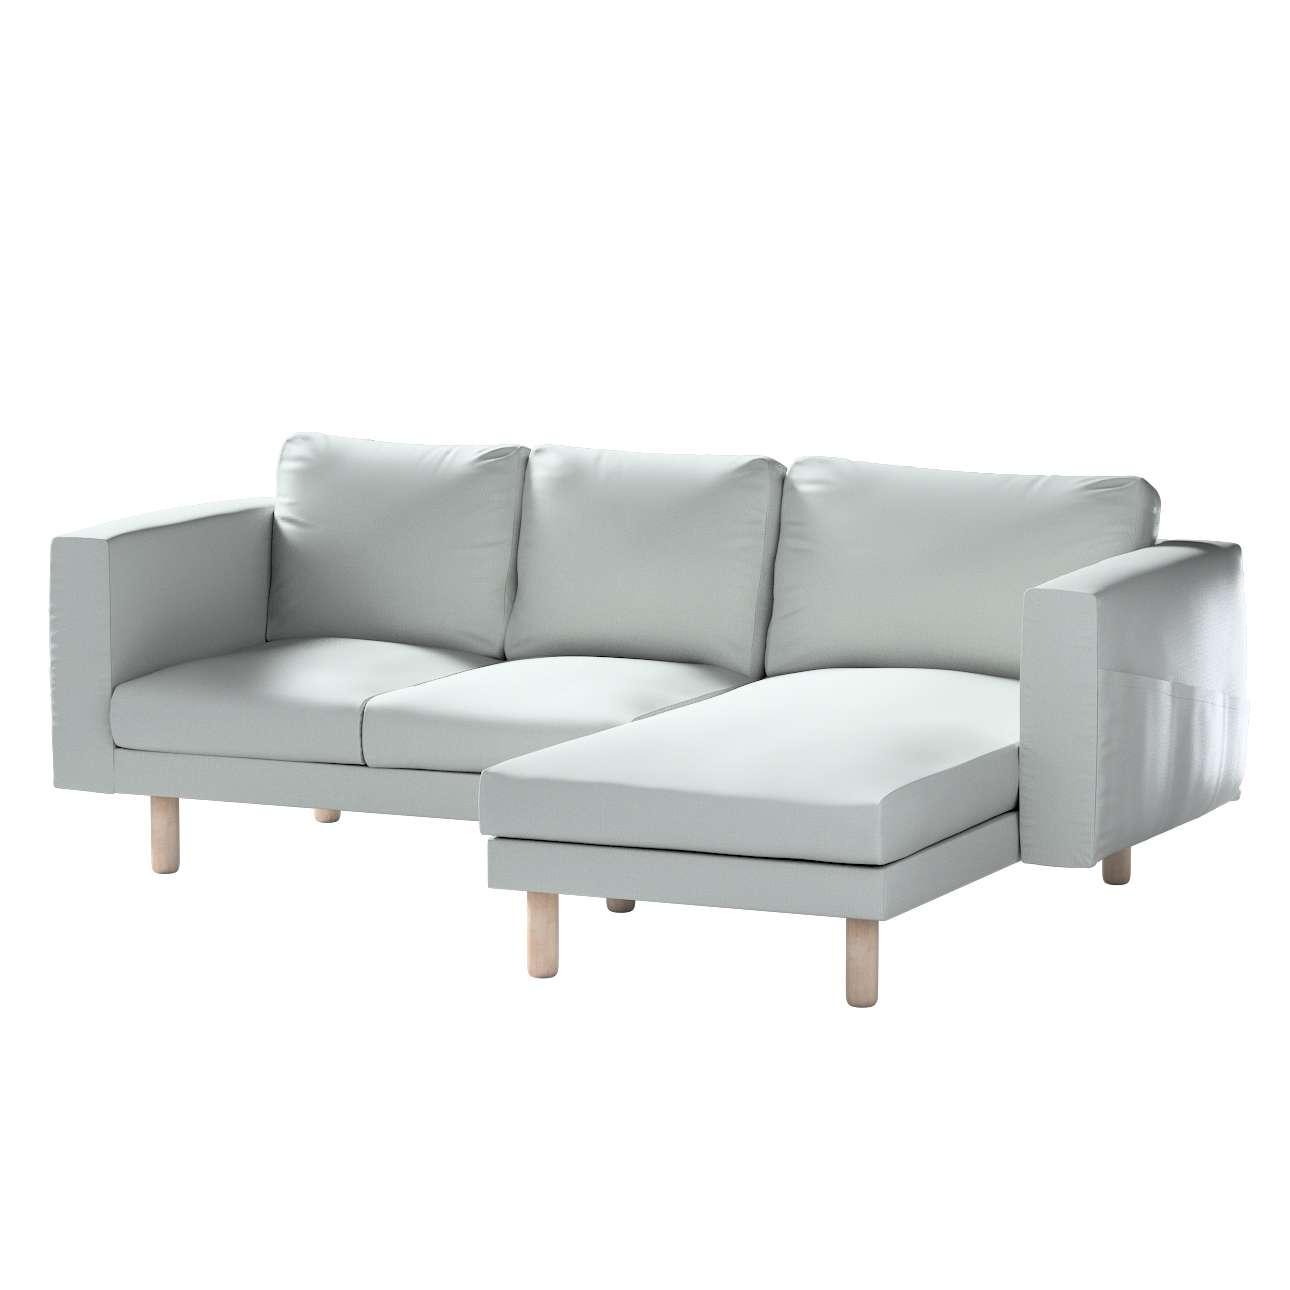 Pokrowiec na sofę Norsborg 3-osobową z szezlongiem w kolekcji Bergen, tkanina: 161-72